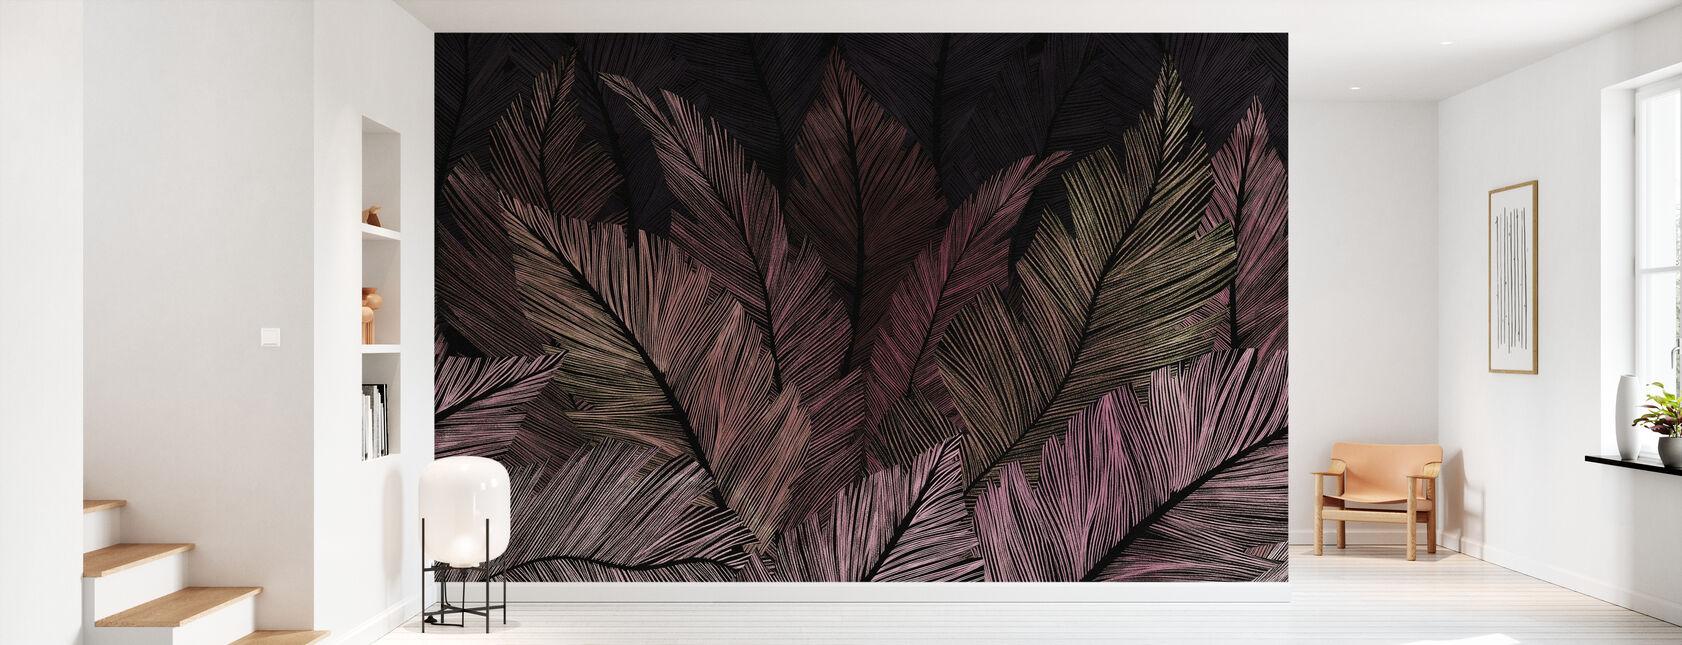 Leaves Bosom V - Wallpaper - Hallway